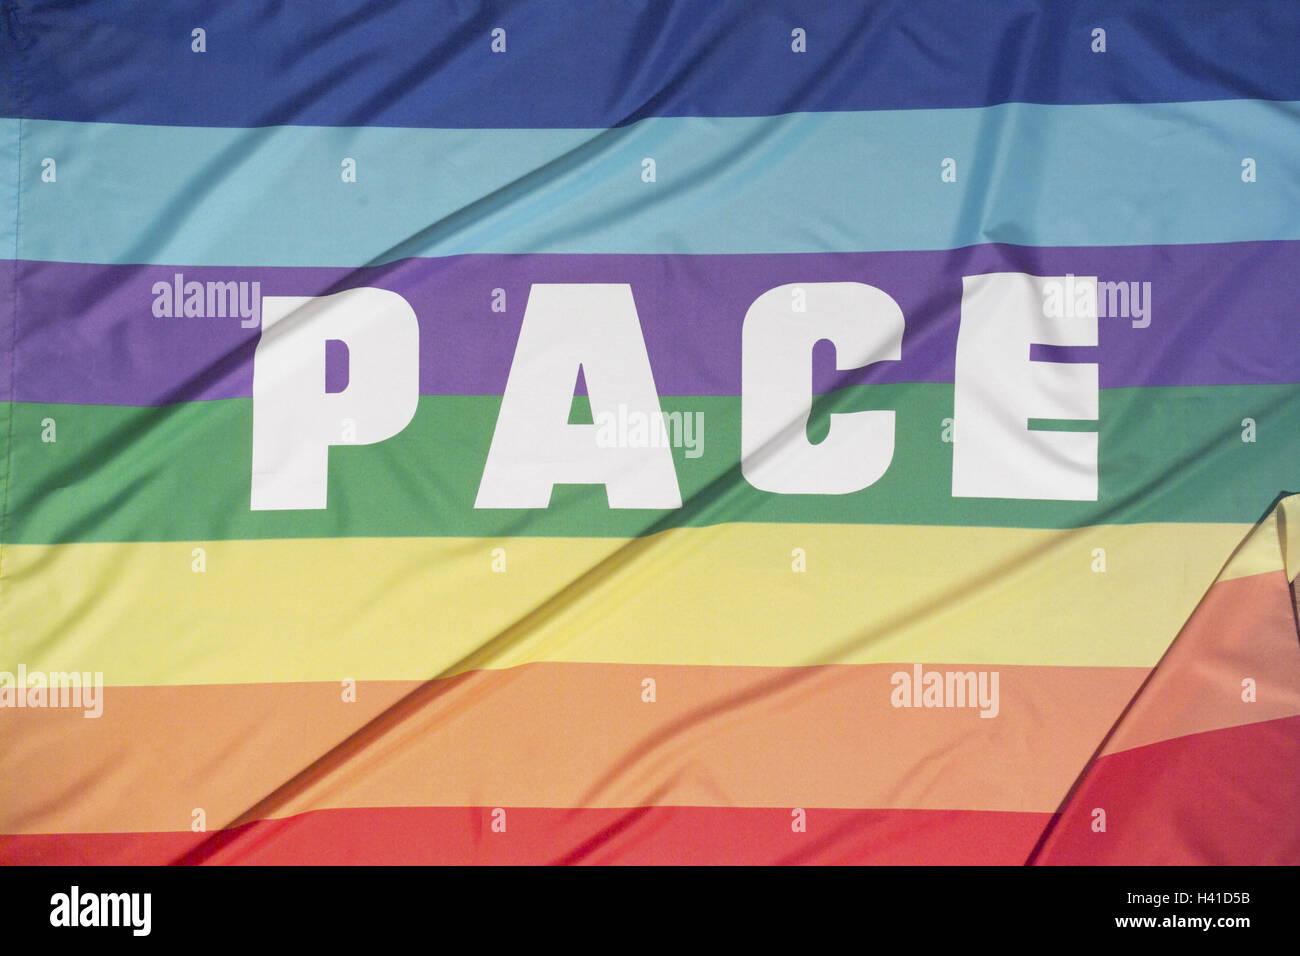 La bandera de la paz, carrera, 'espacio', sólo editorialmente, bandera, la bandera de la paz, el ritmo Imagen De Stock